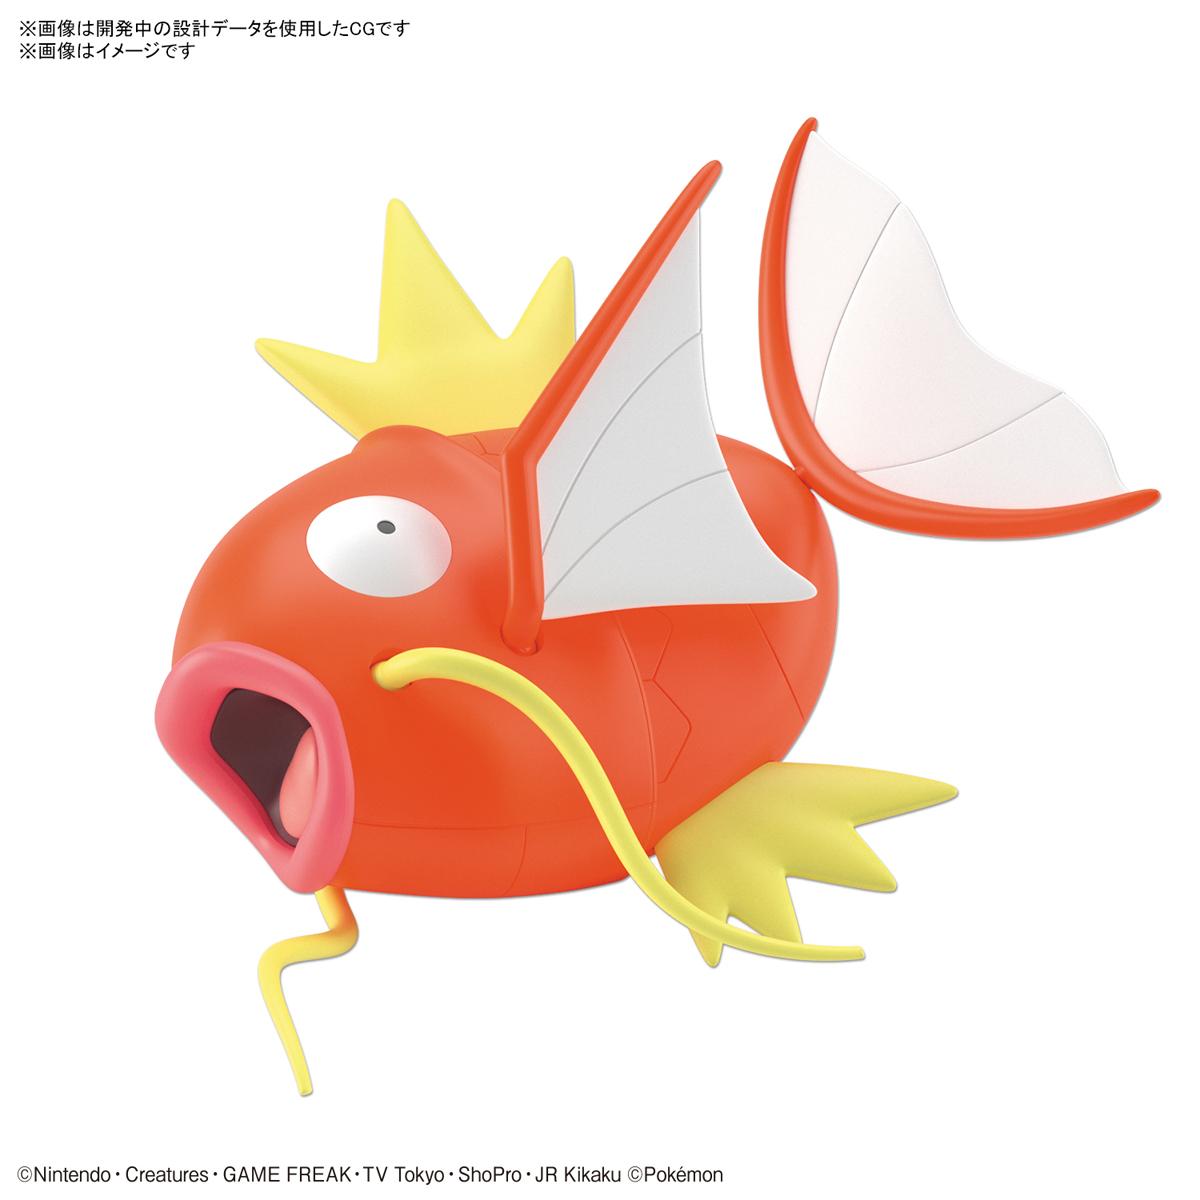 ポケモンプラモコレクション BIG 01『コイキング』プラモデル-001